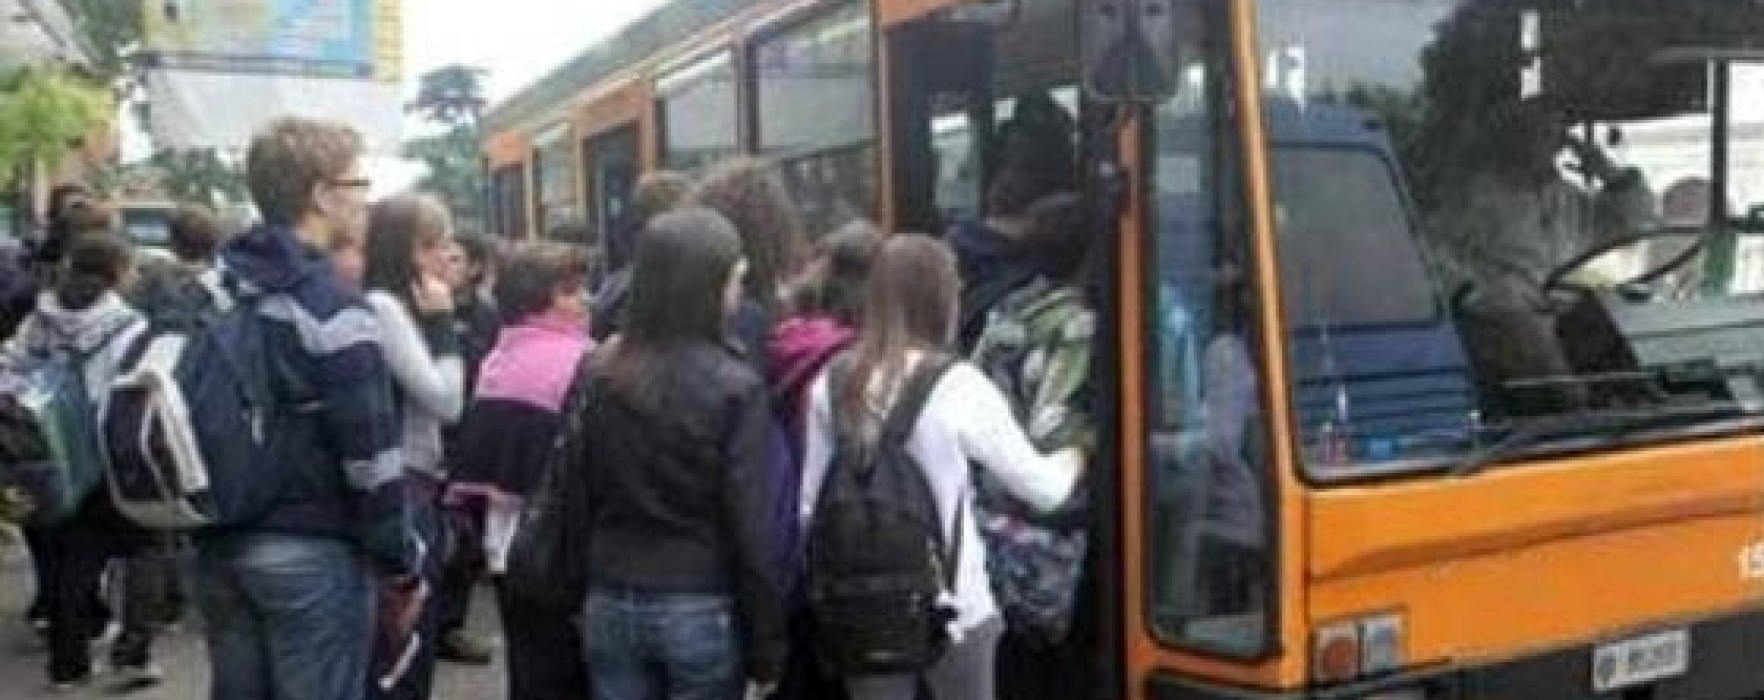 Trasporto pubblico: un momento complicato e di fiducia